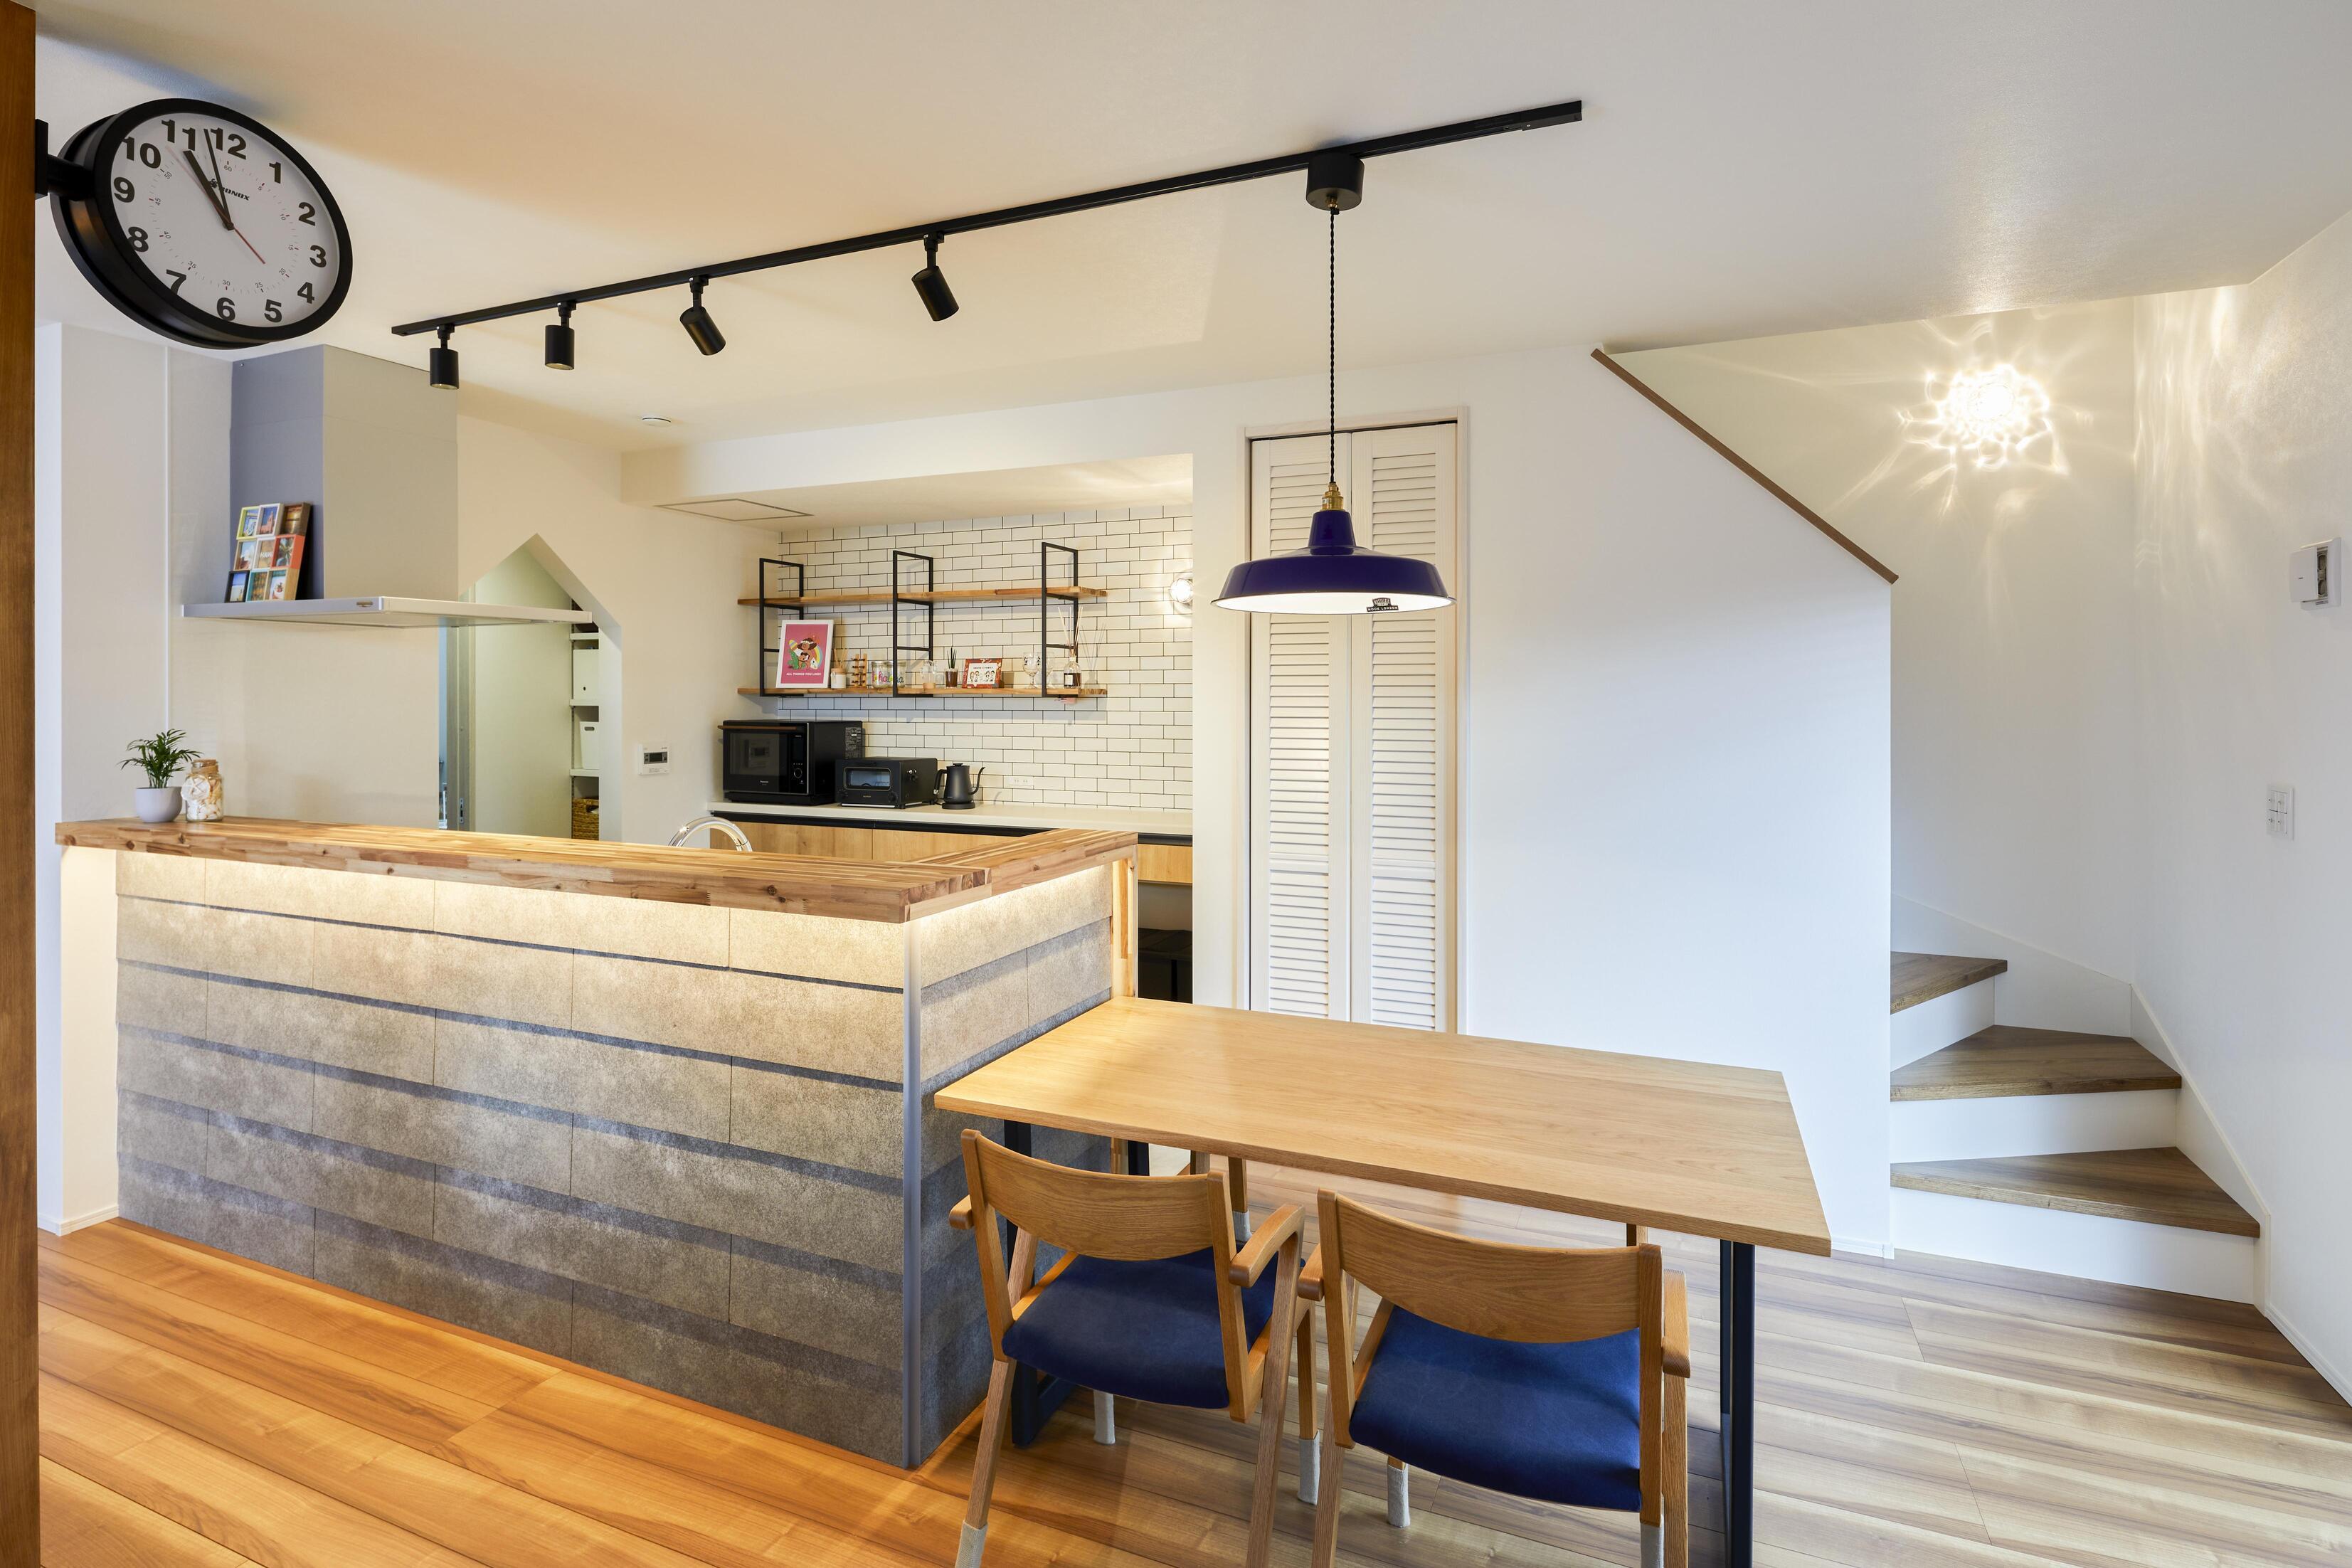 キッチンの笠木には間接照明を仕込み、セメントの質感を生かした腰壁を引き立てる